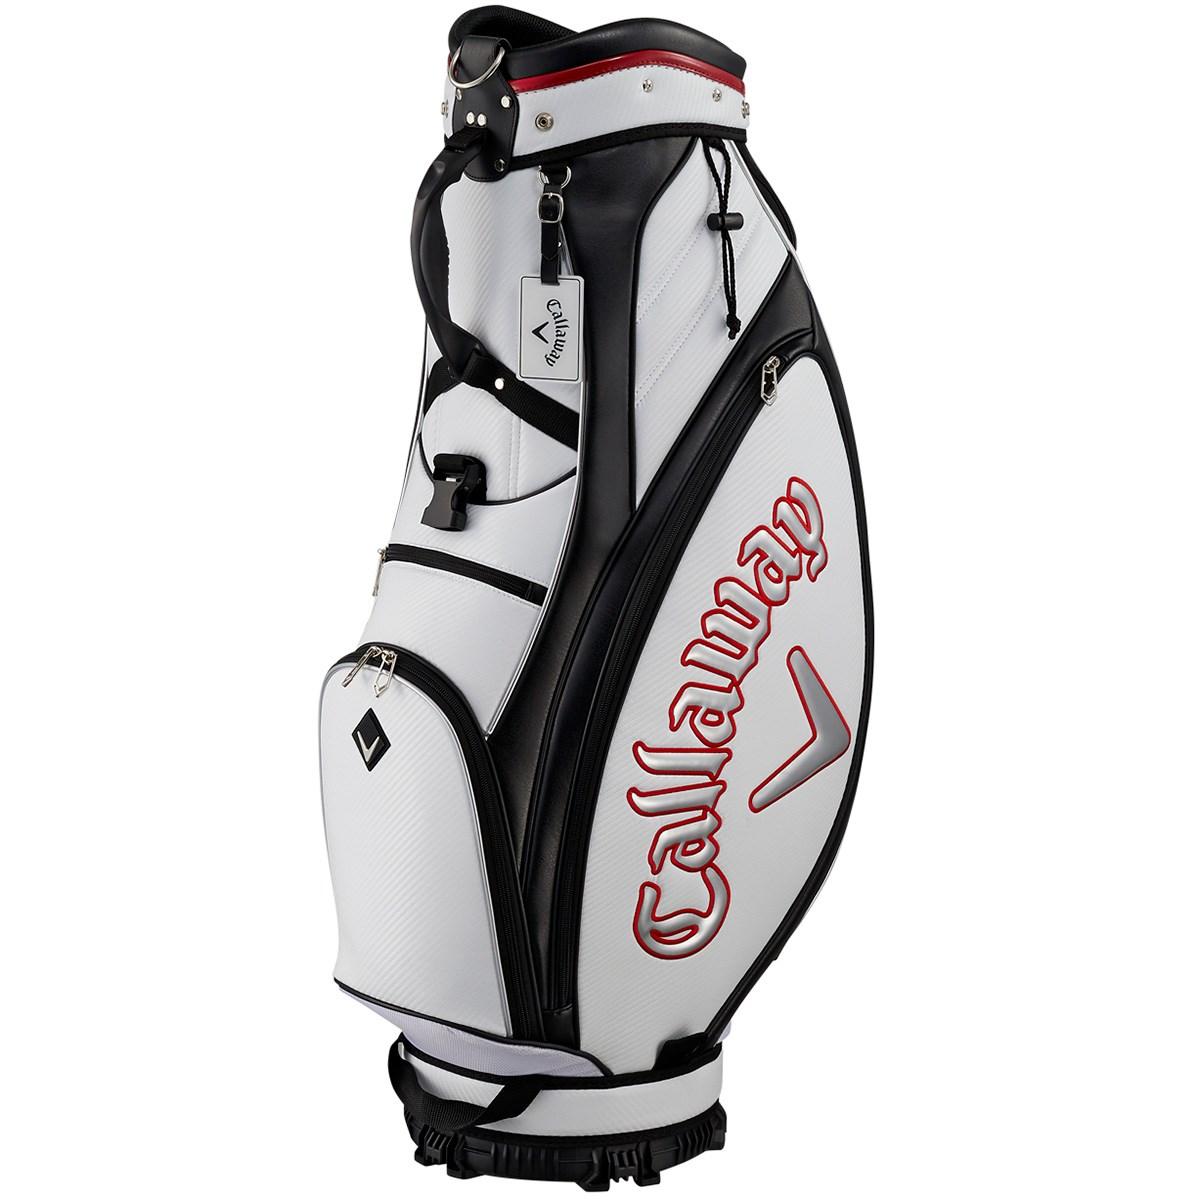 キャロウェイゴルフ(Callaway Golf) BG CT LIGHT JM キャディバッグ